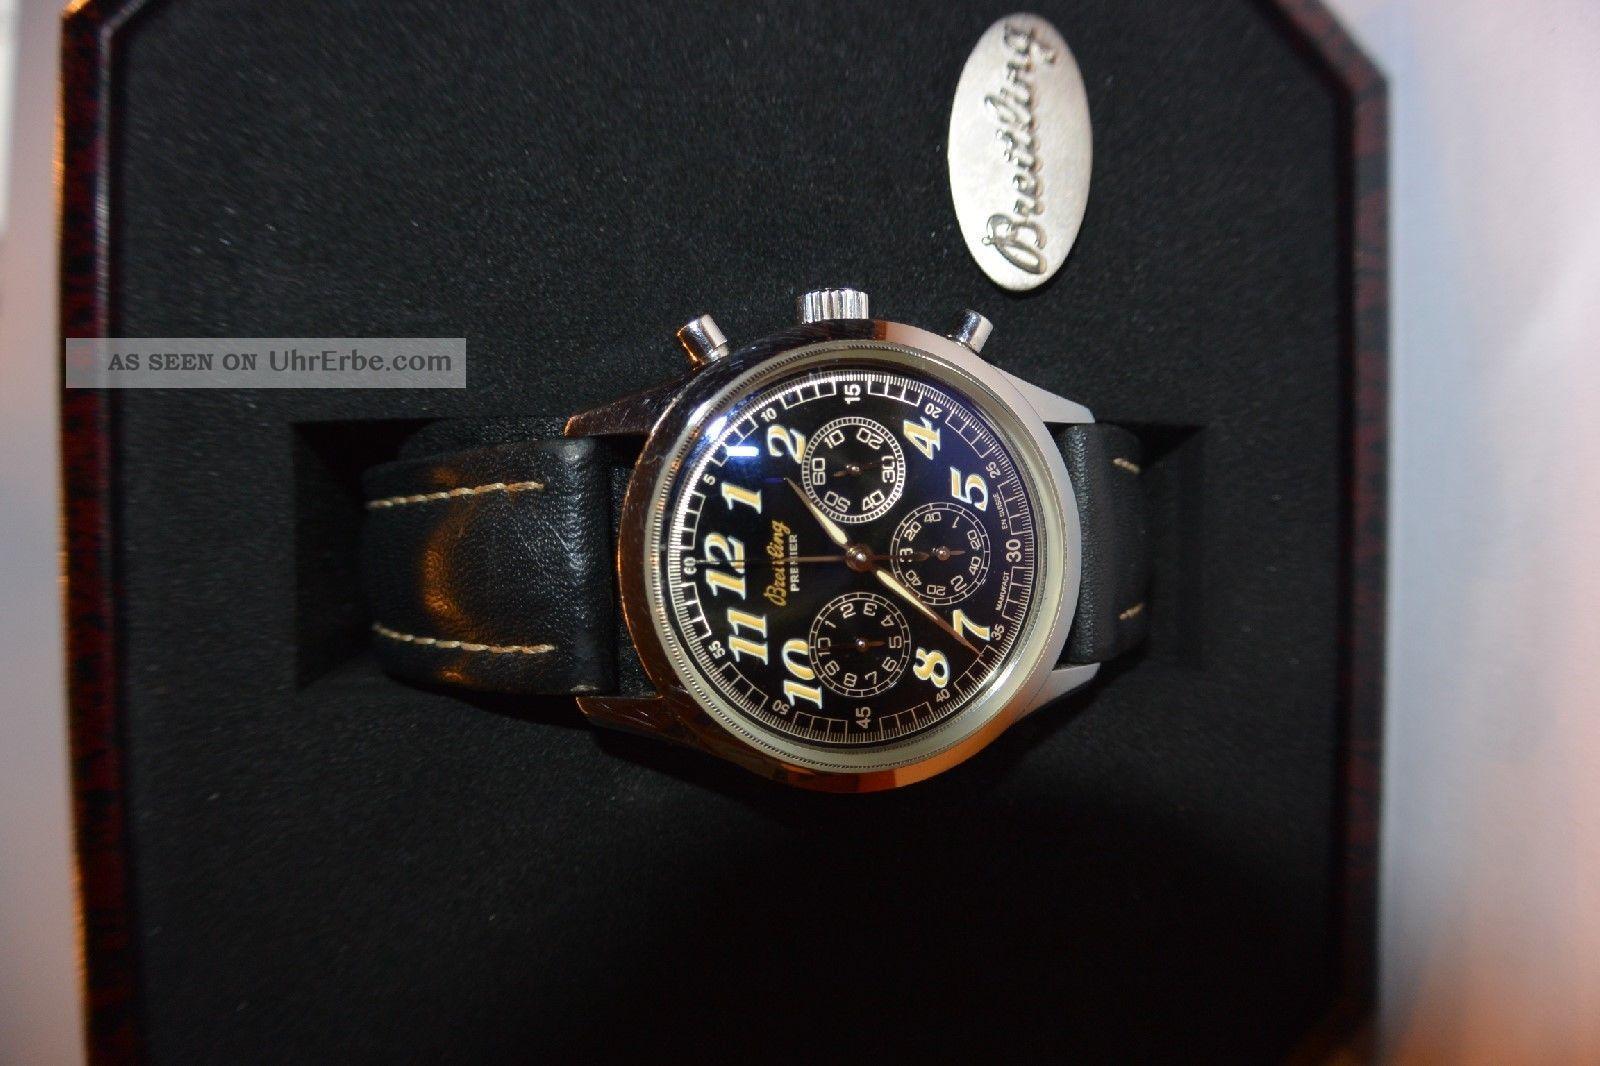 Breitling Uhr Chronograph Handaufzug Armbanduhren Bild